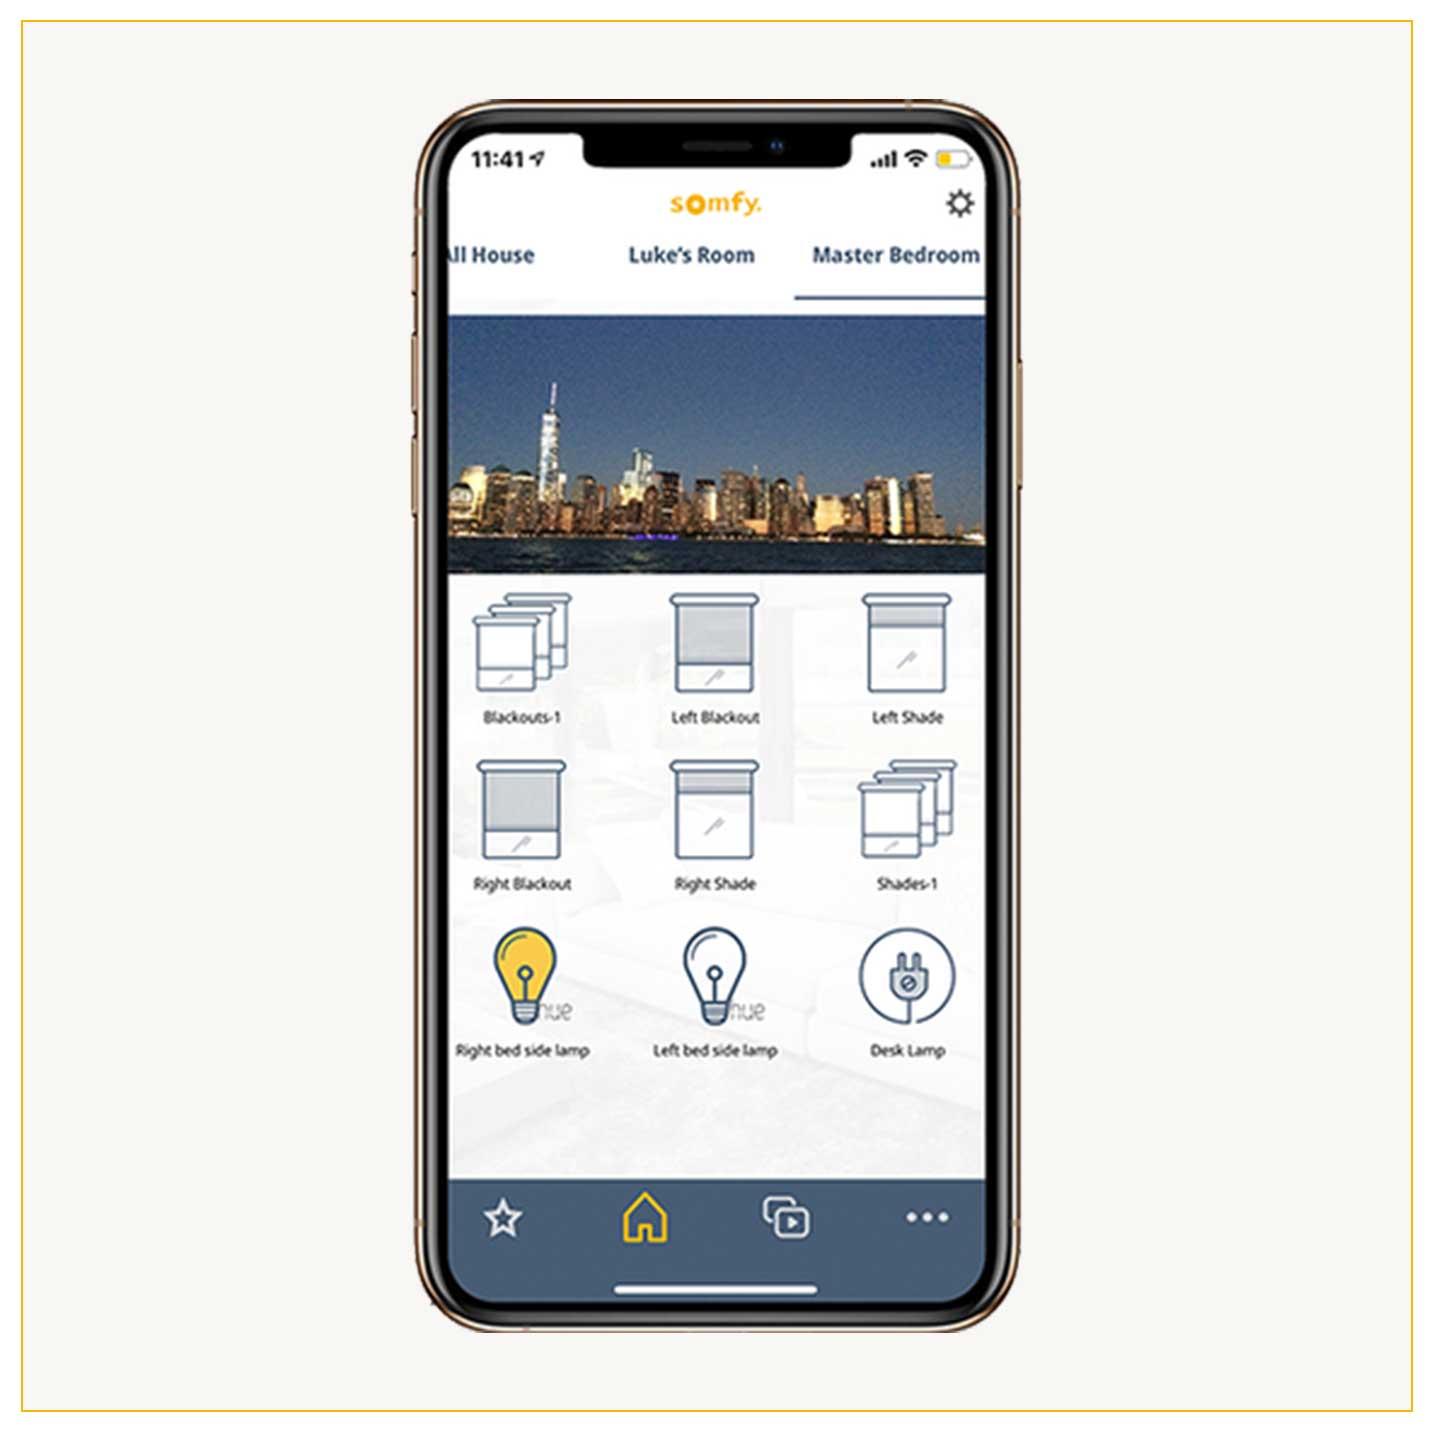 somfy-tahoma-app-4.jpg